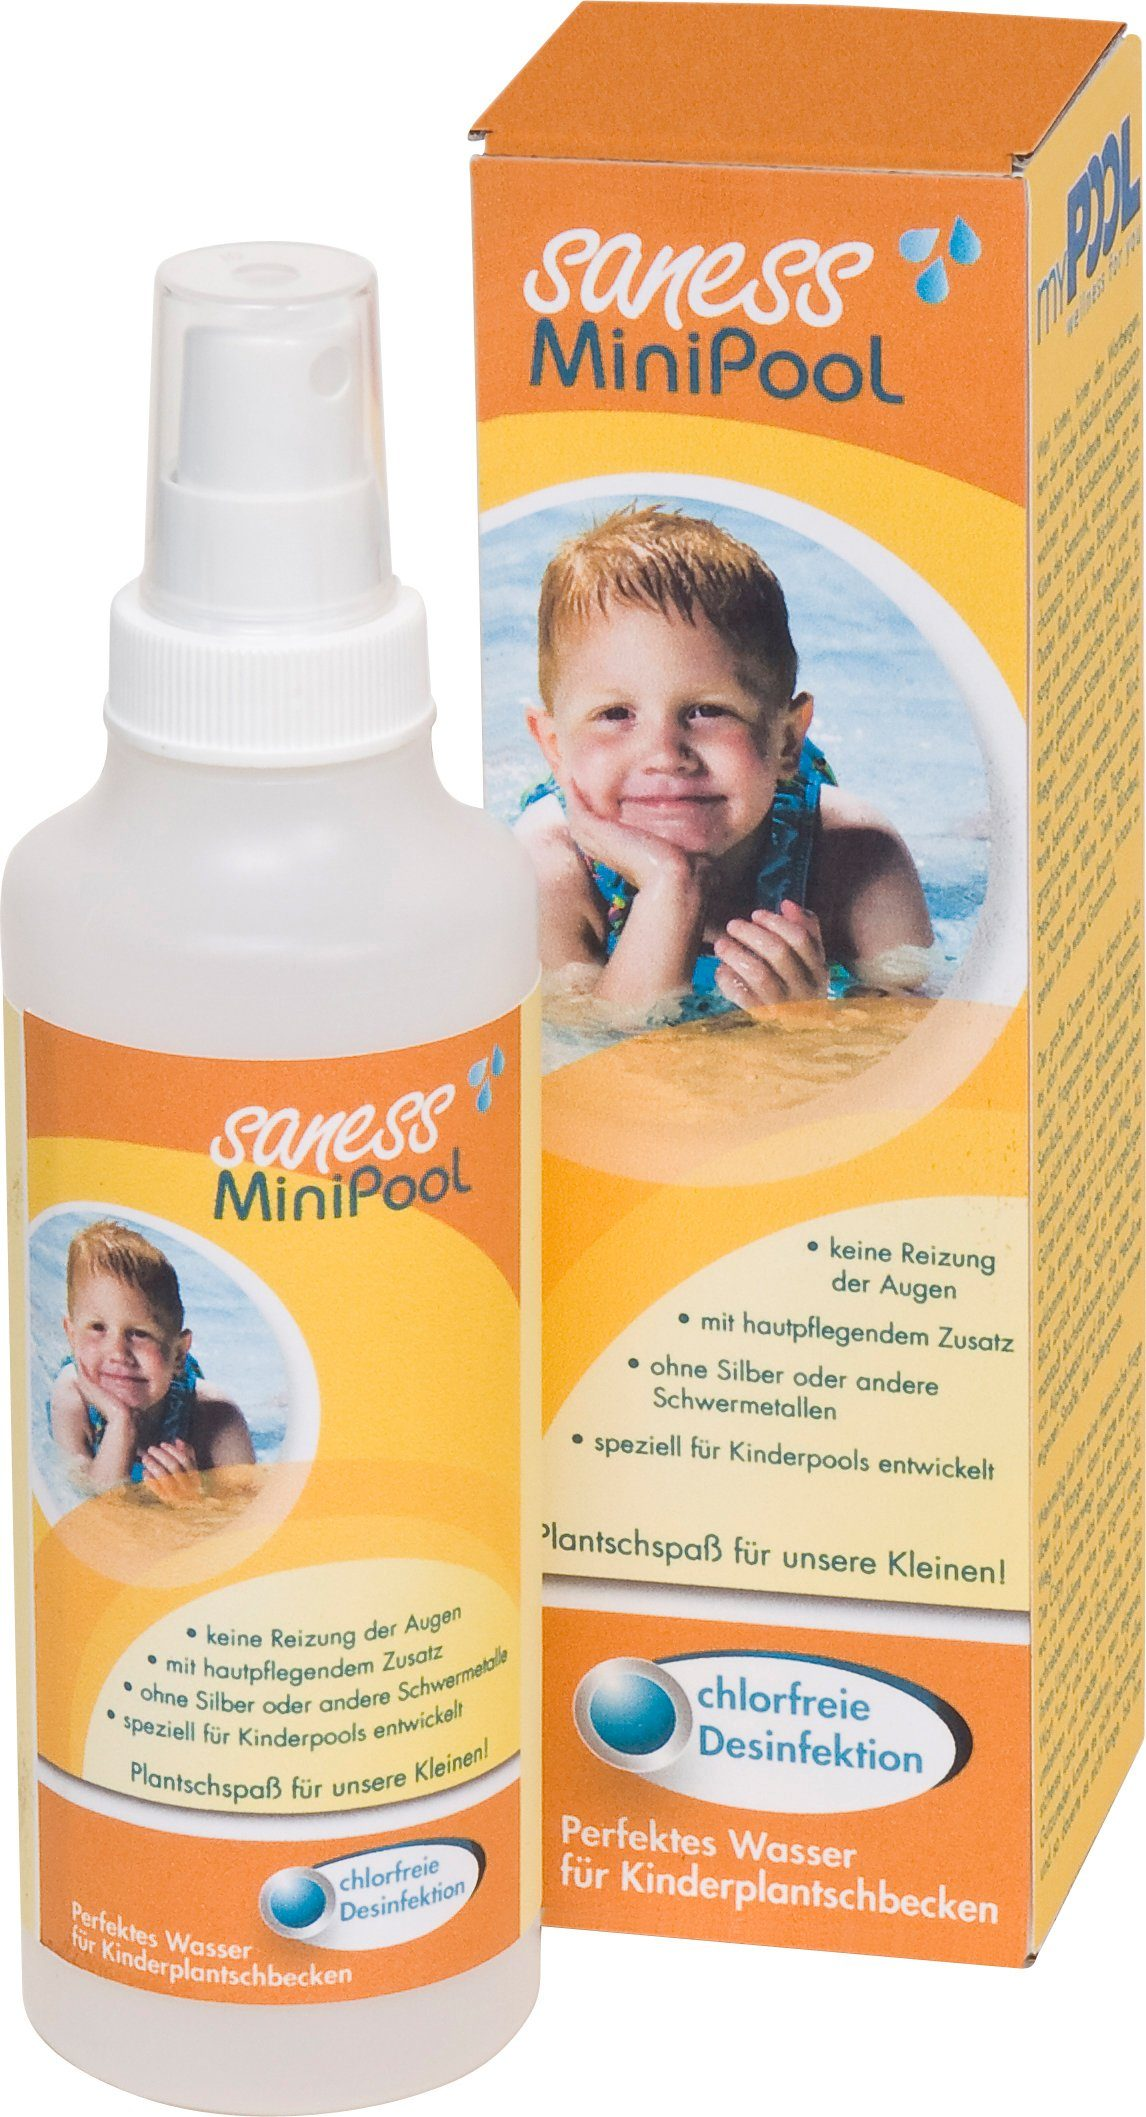 MYPOOL Wasserpflege »Saness MiniPool«, 250 ml